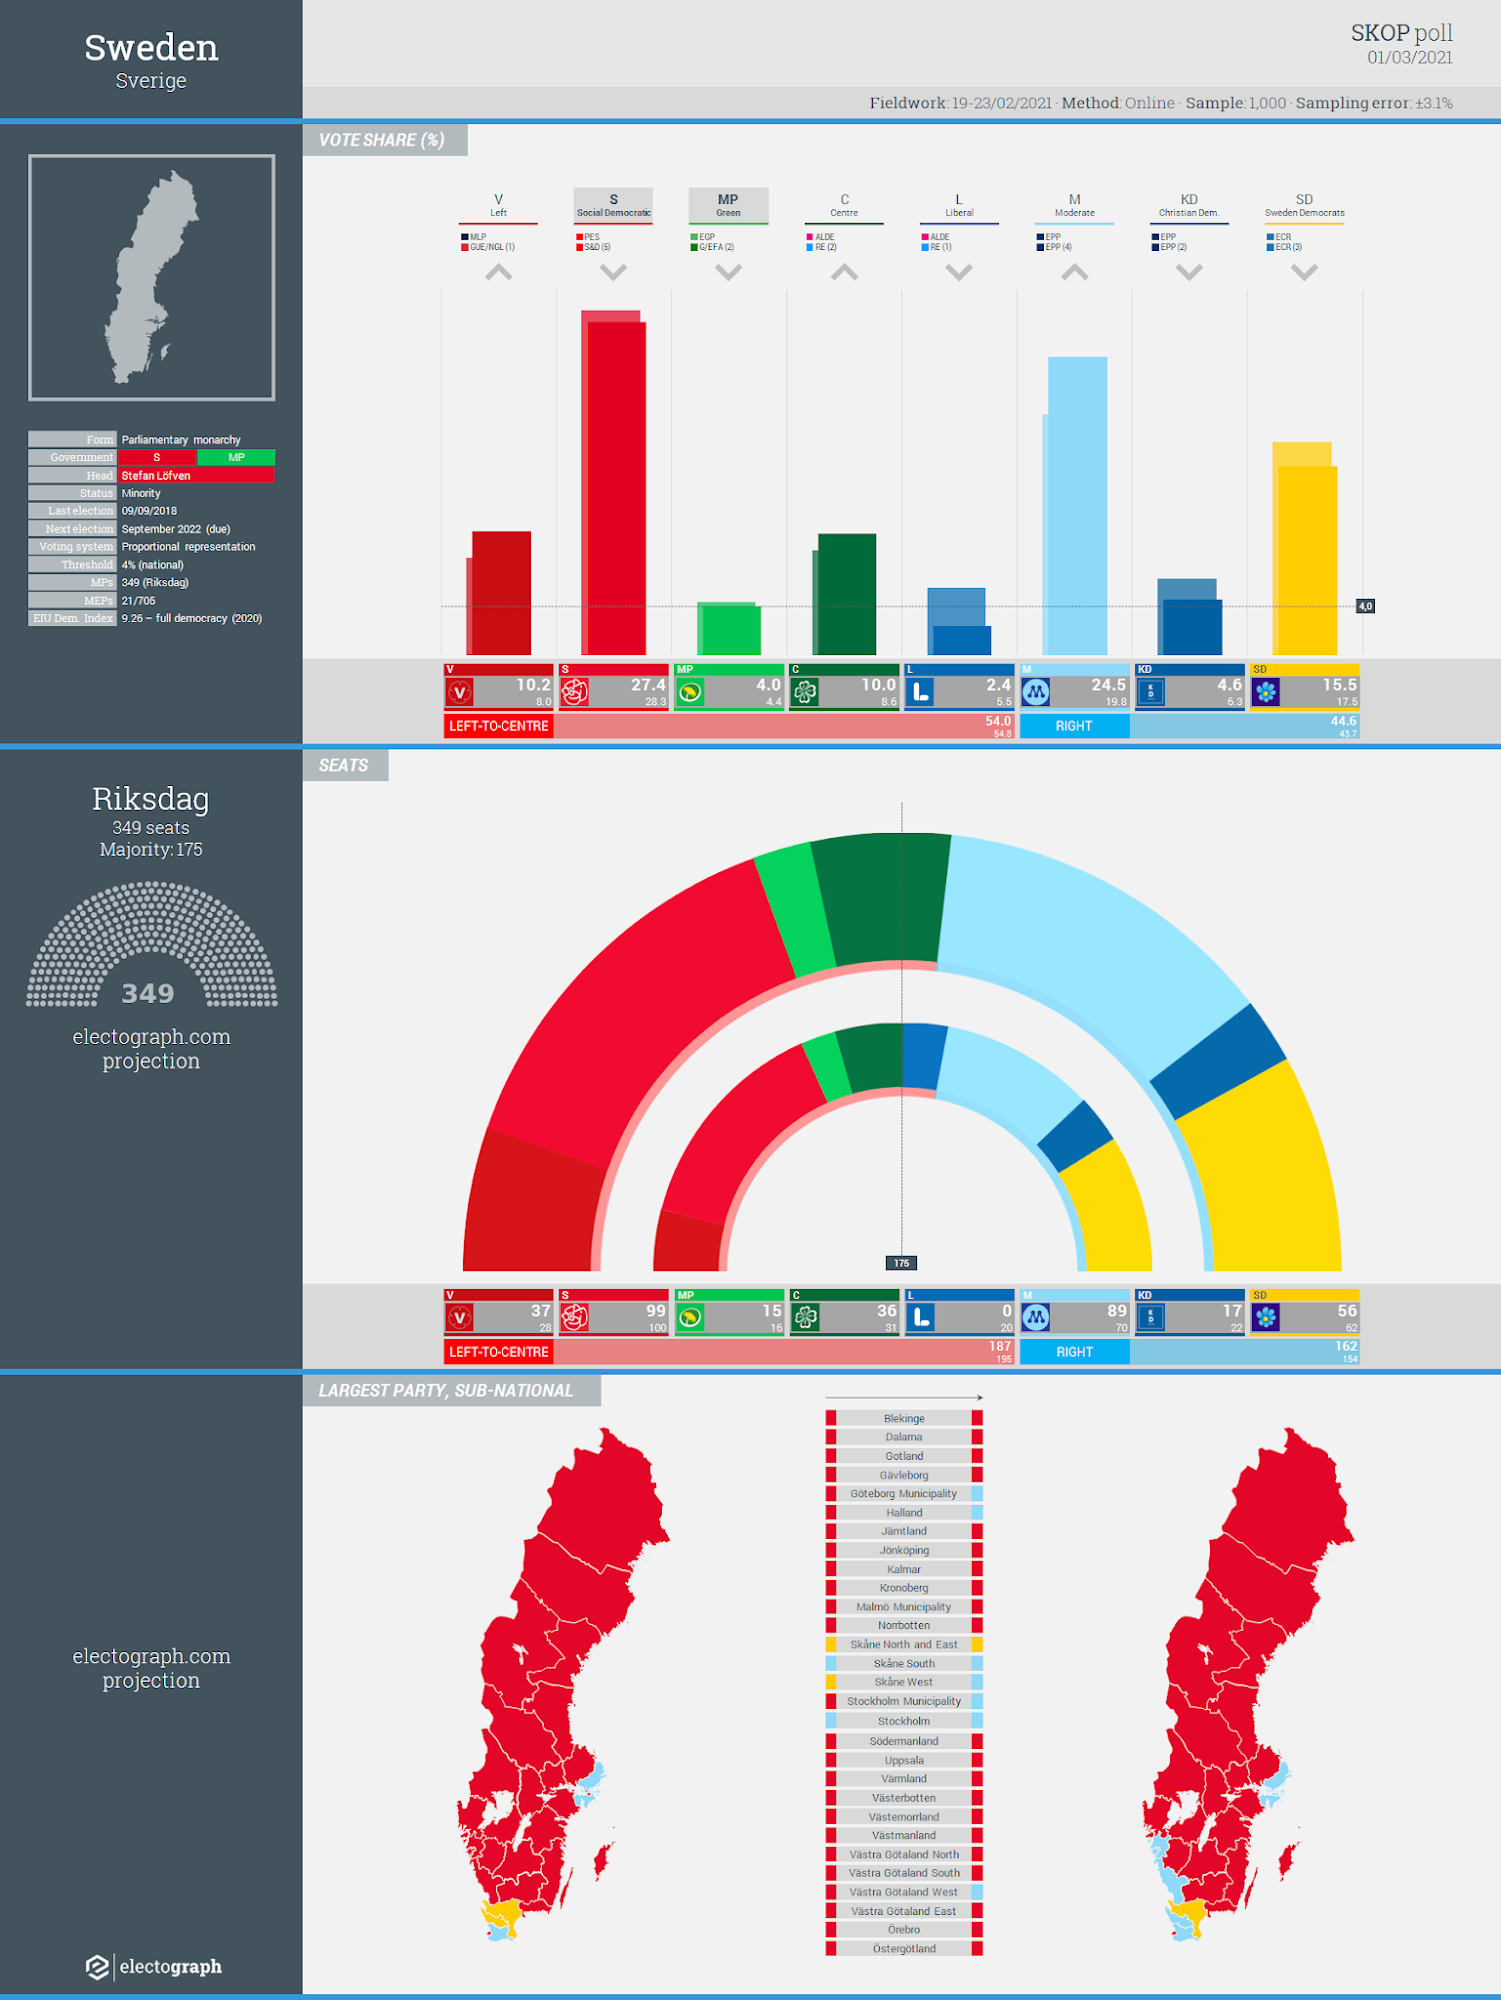 SWEDEN: Skop poll chart, 1 March 2020